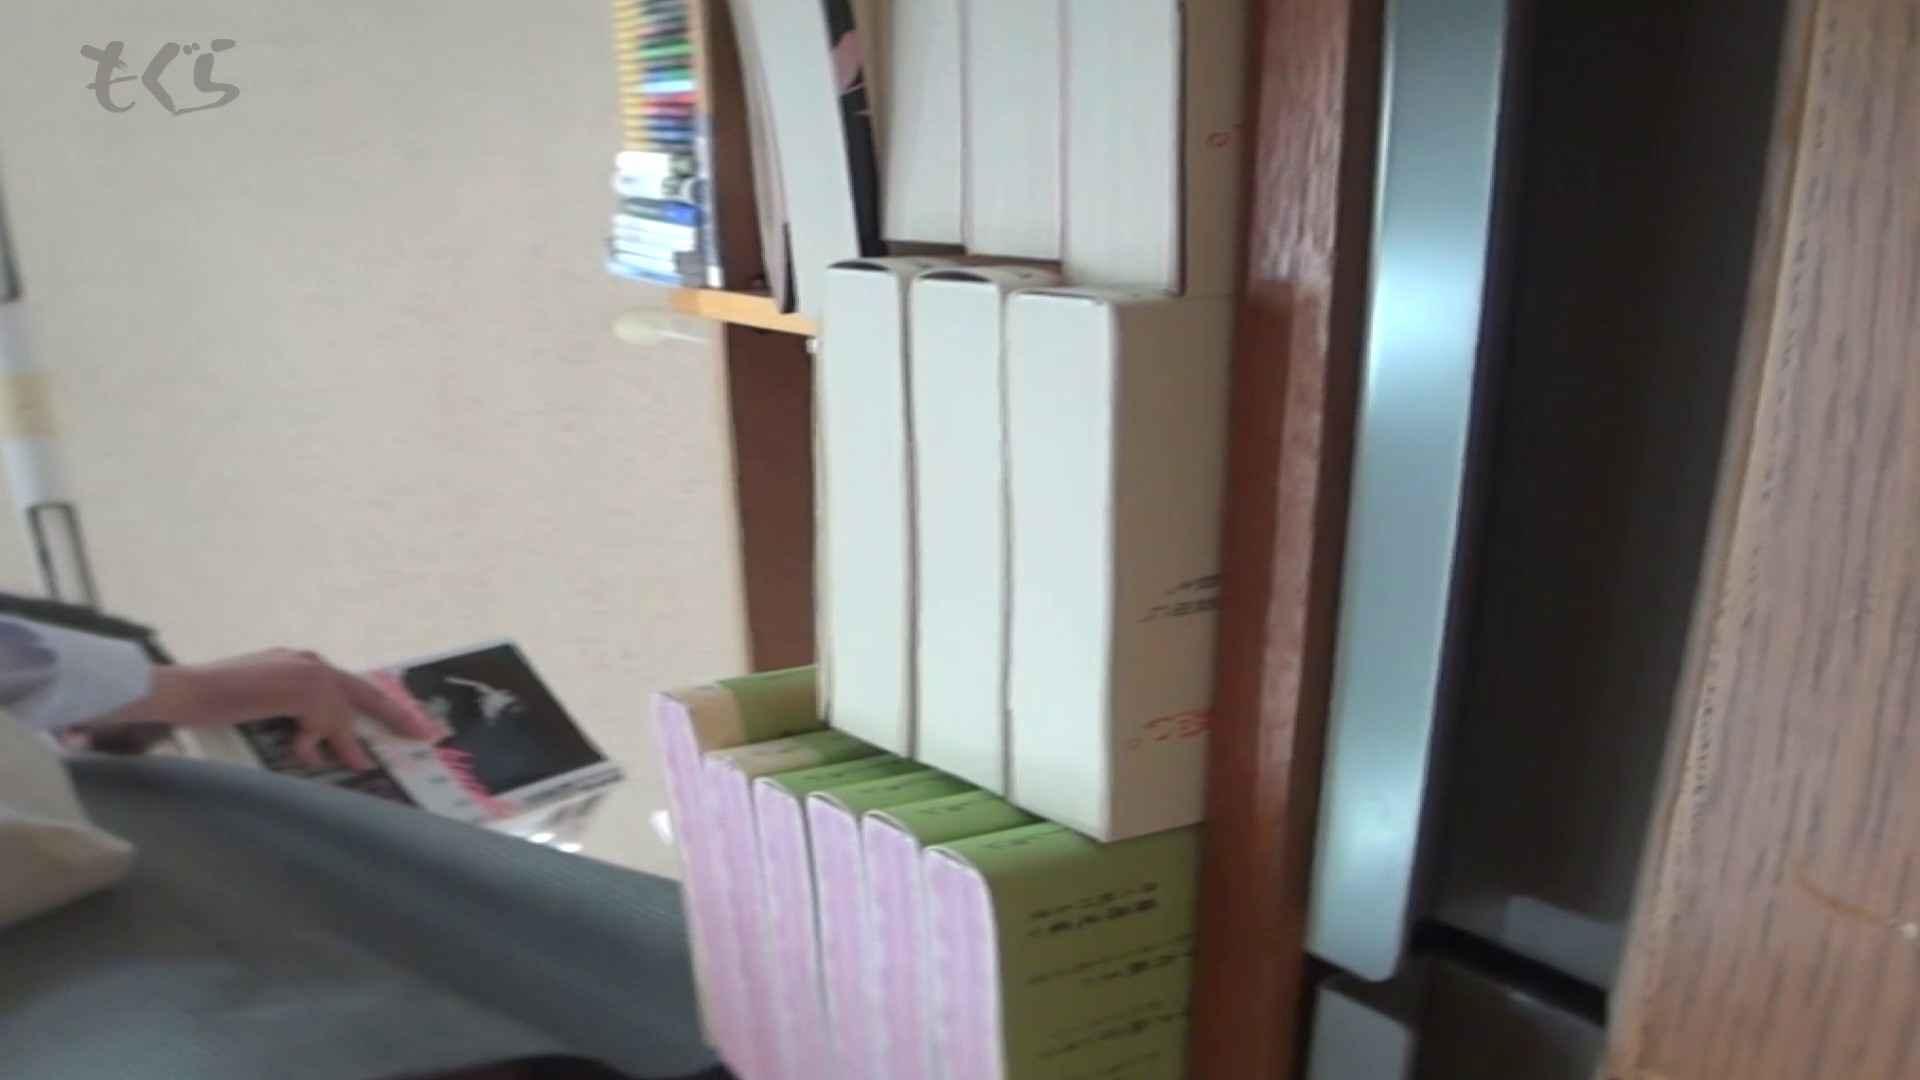 隣から【期間限定品】No.02 文庫女子はやはり白パン!! 期間限定  55pic 46